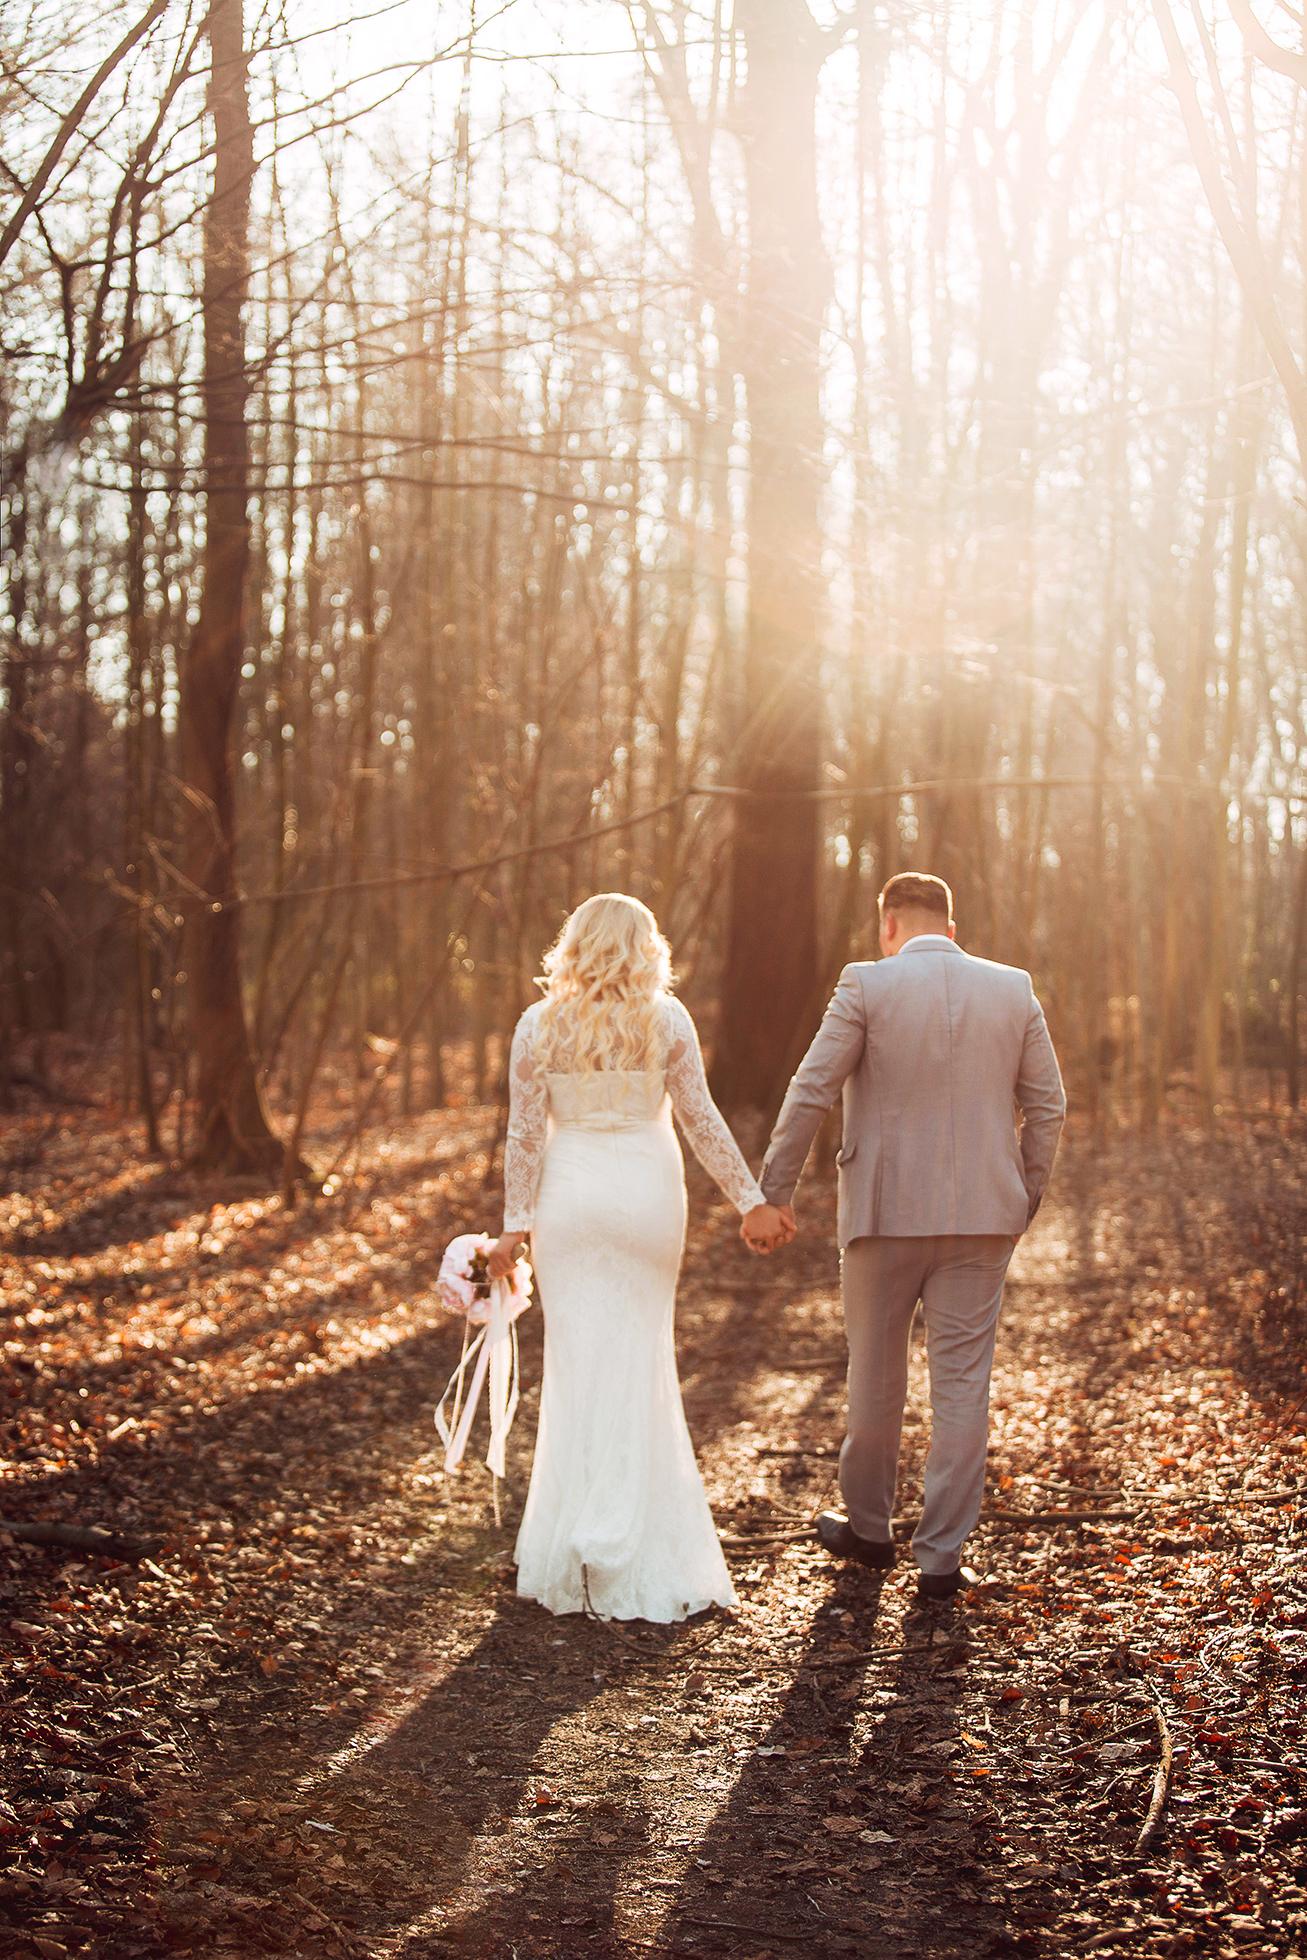 Braut und Bräutigam, die zwischen den Bäumen gehen.jpg